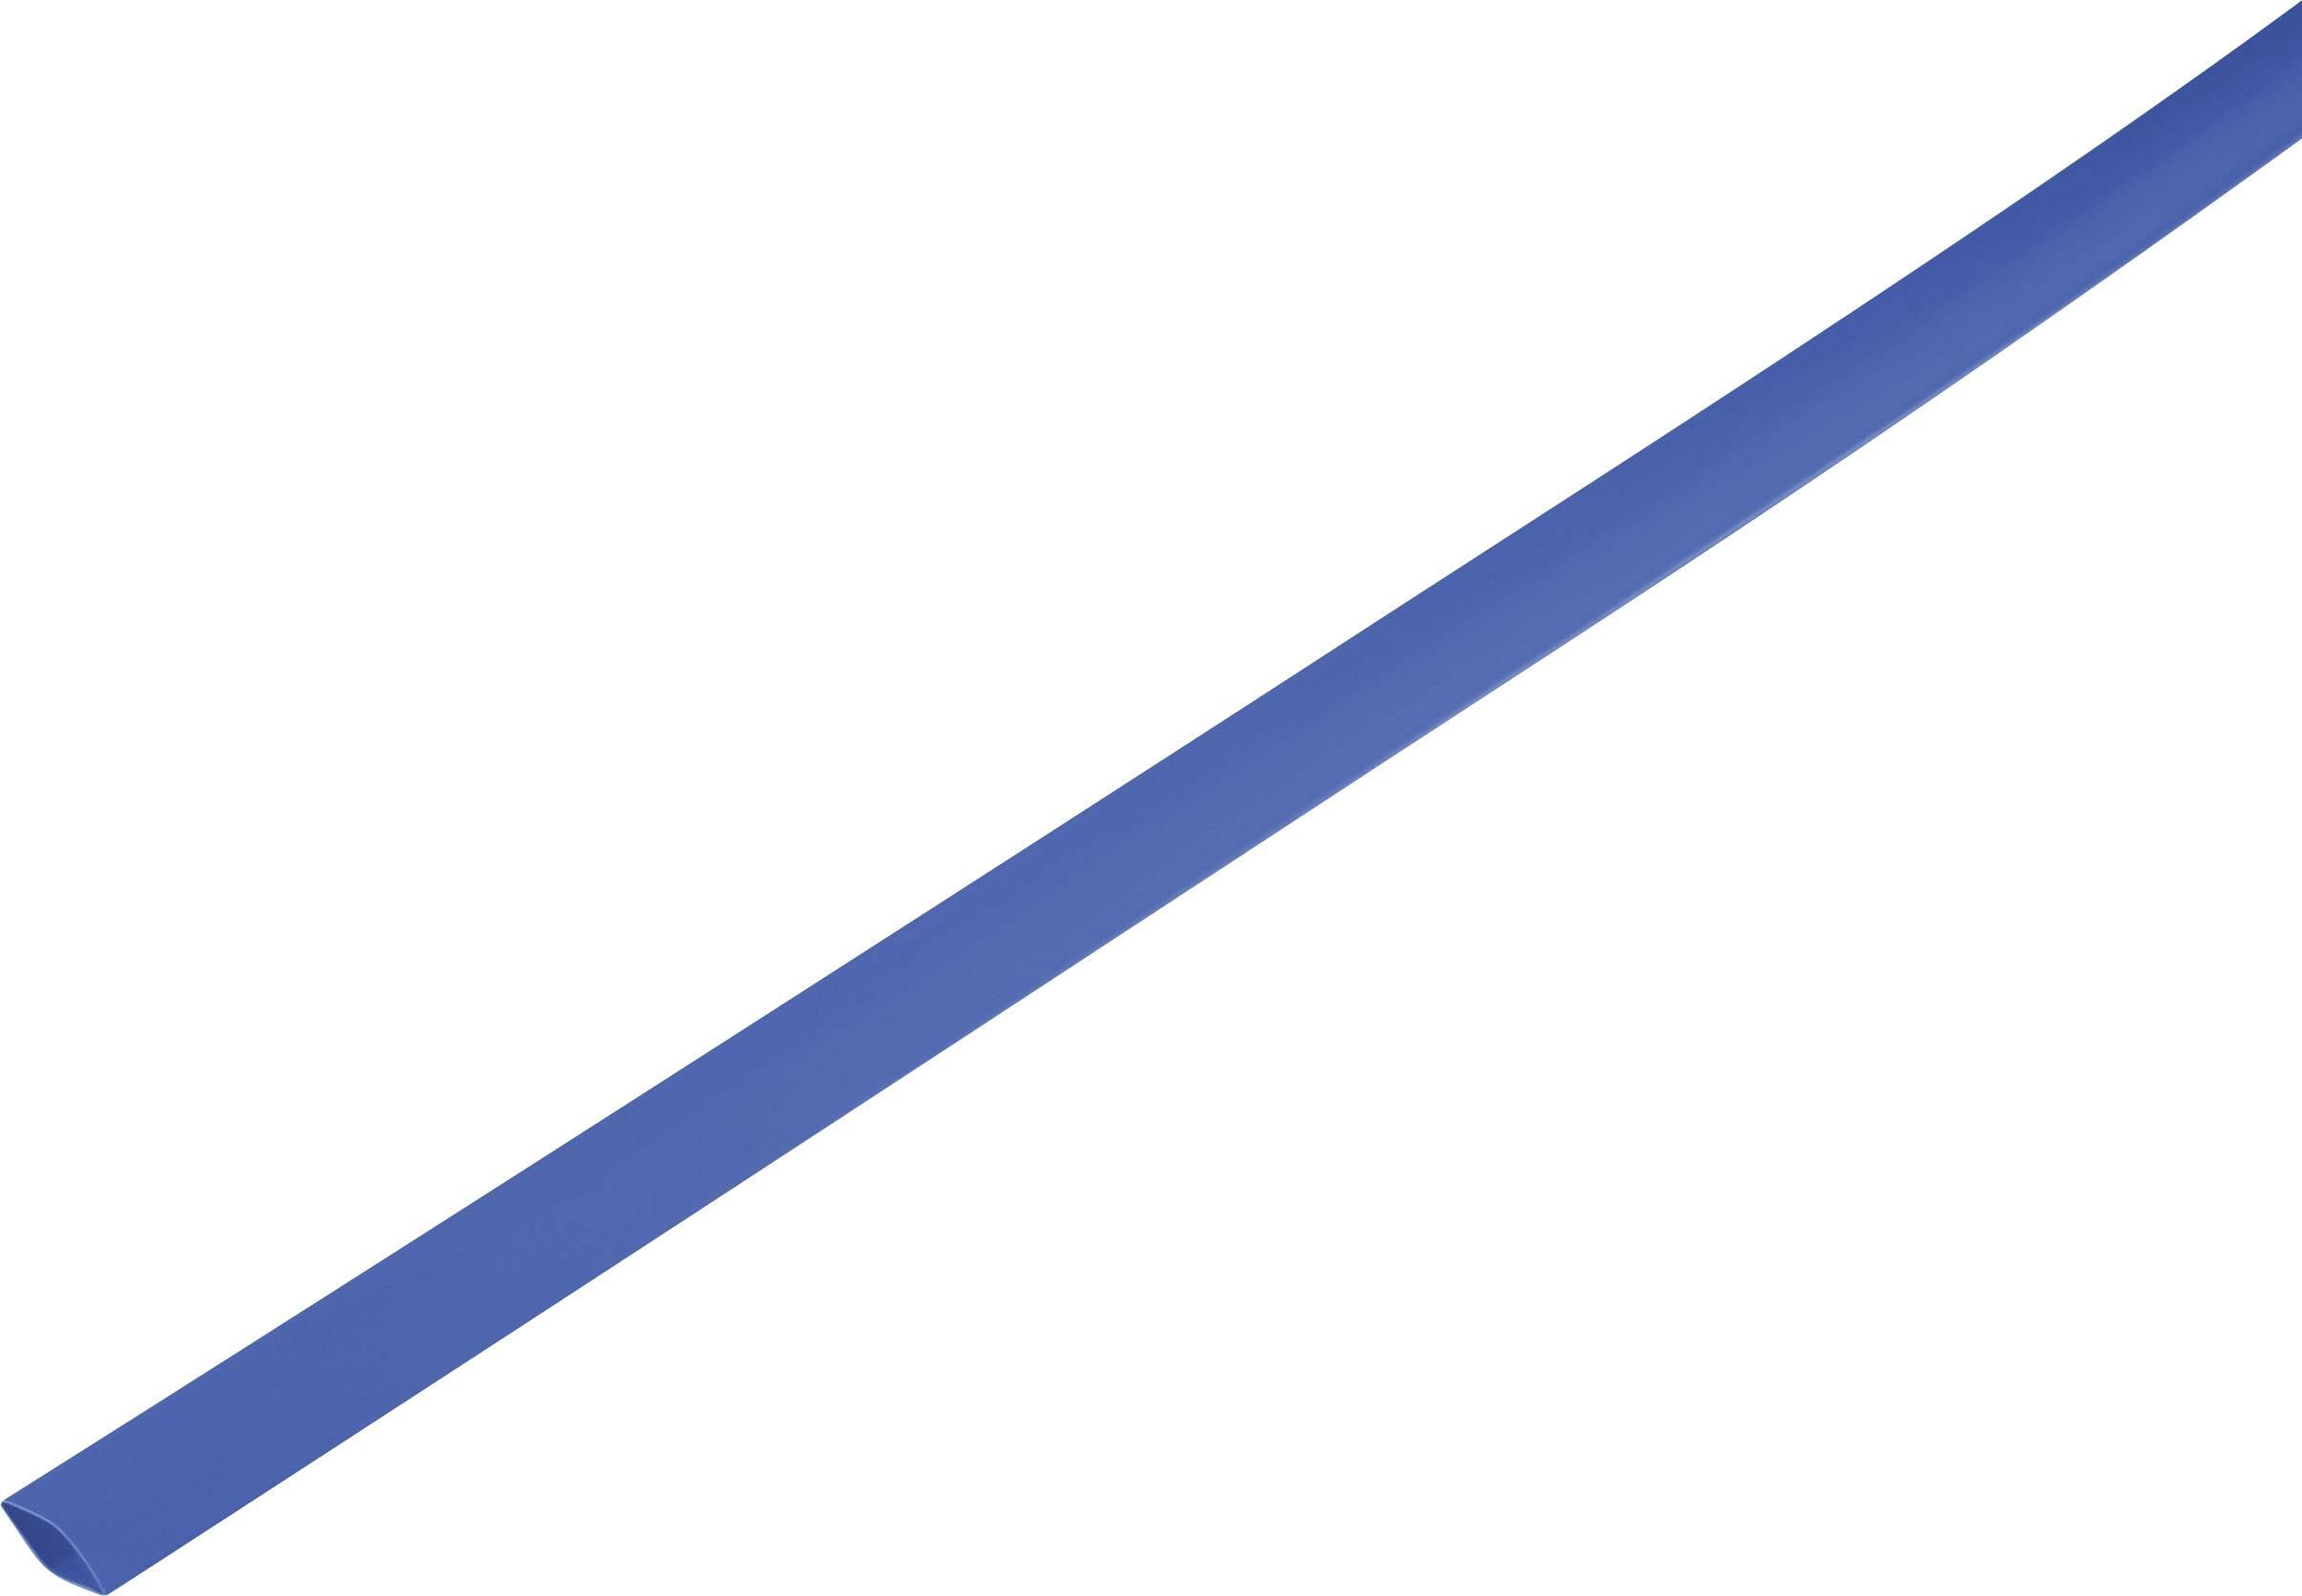 Zmršťovacia bužírka bez lepidla 1225514, 2:1, 8.60 mm, modrá, metrový tovar